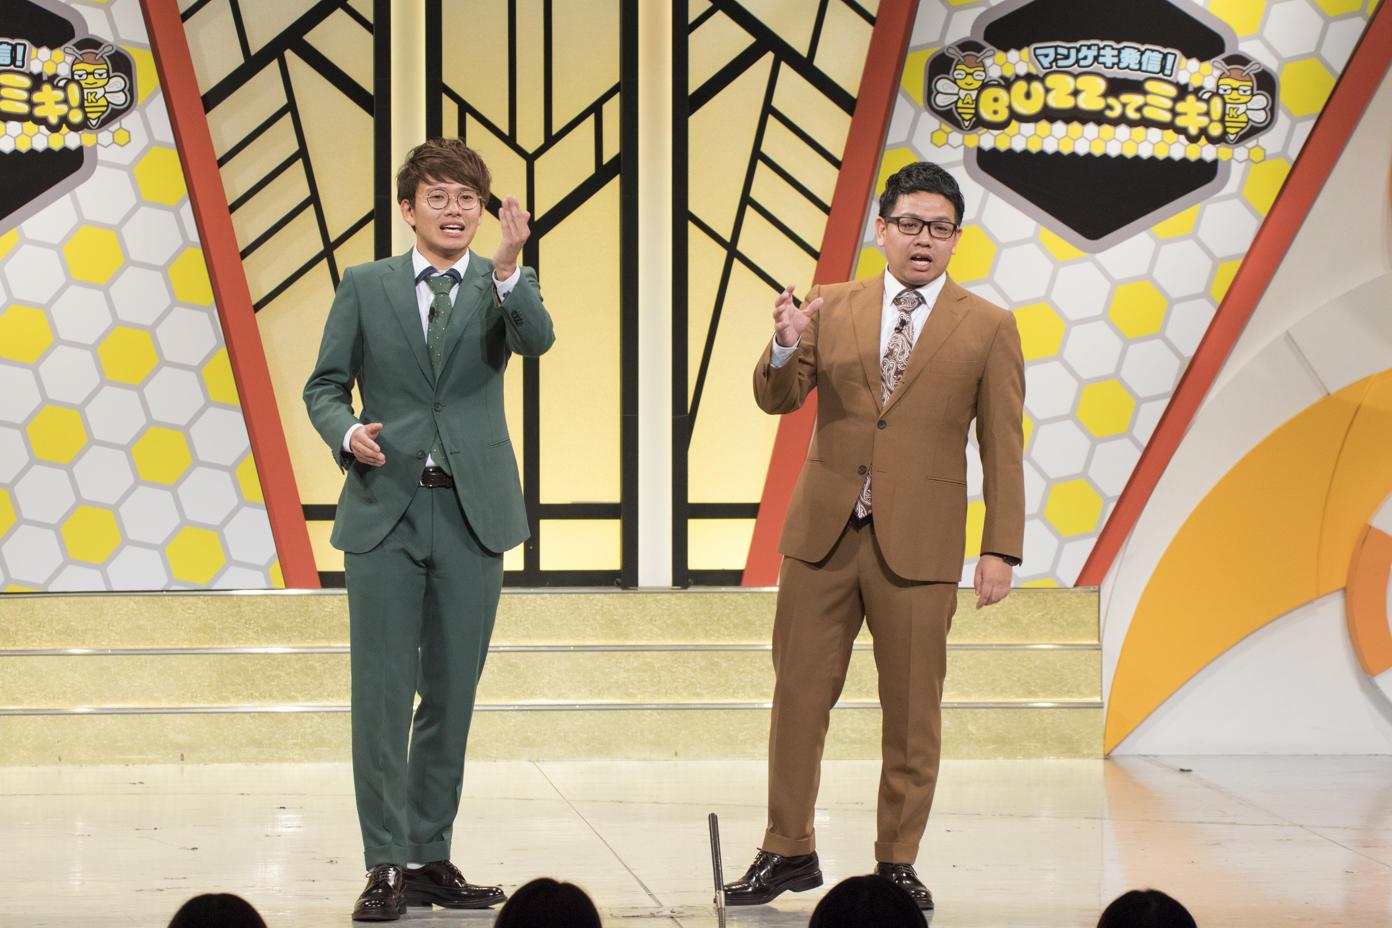 http://news.yoshimoto.co.jp/20170908064525-6a3ccca6f356240e01a770798f40a8d1430416bc.jpg